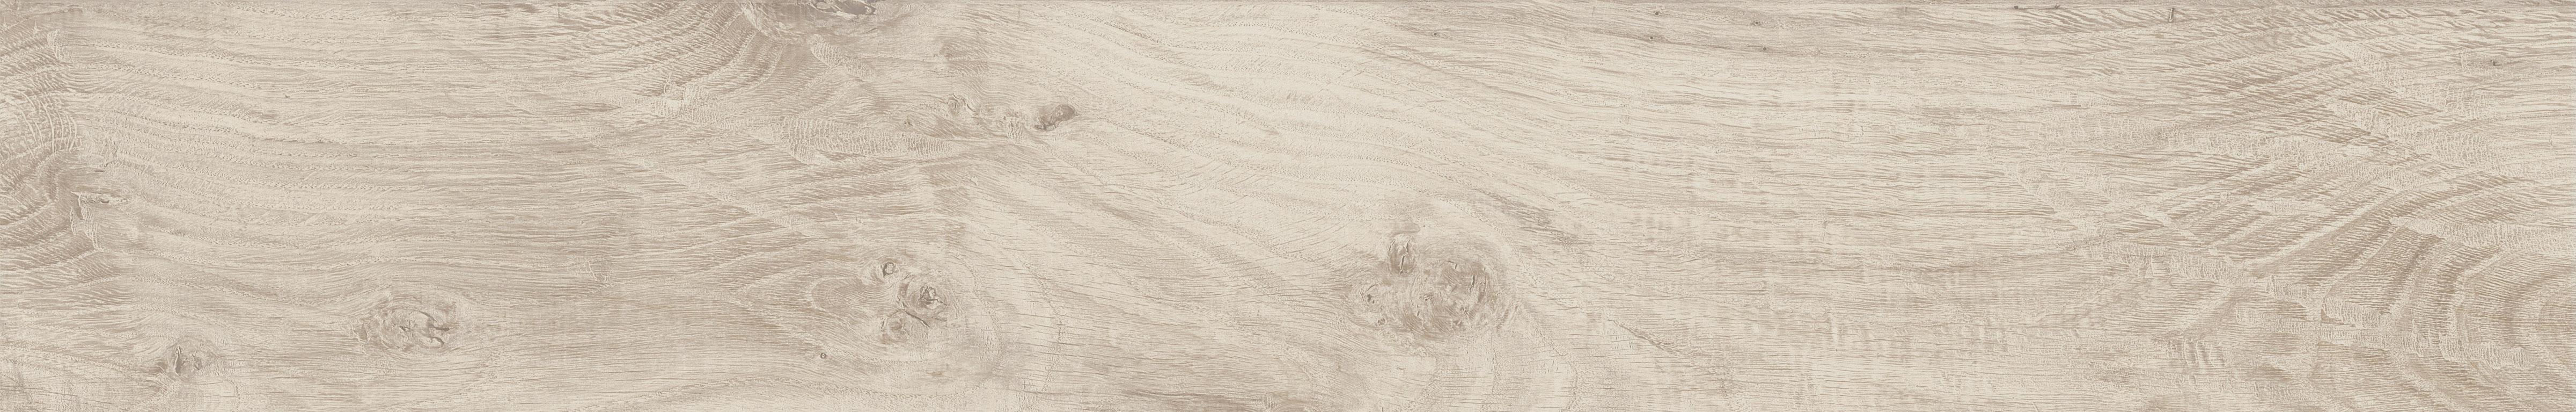 Плитка Allwood Bianco (zzxwu1r) изображение 9